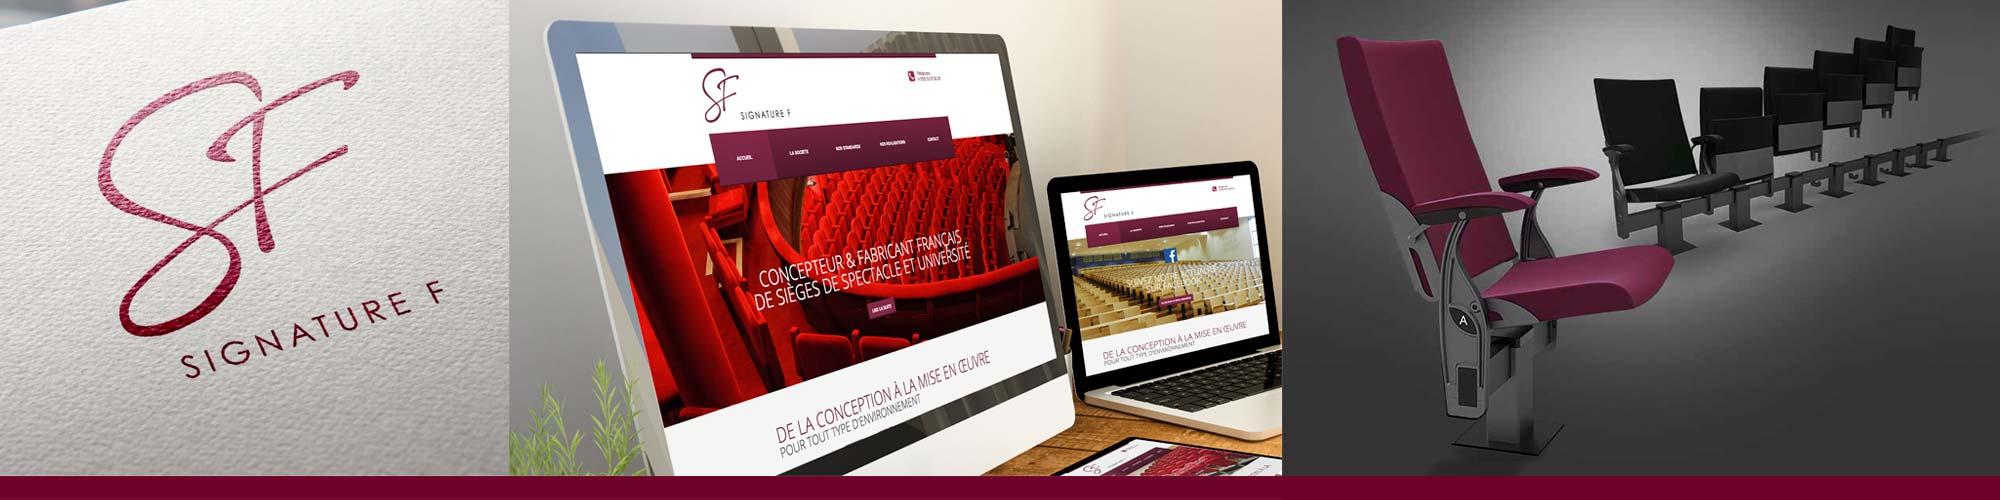 Fabricant français de fauteuils d'amphithéâtre et de cinéma / Accompagnement ILÔ Créatif : Identité, communication print et web, design d'un siège synchrone - 2ème prix TADI 2010